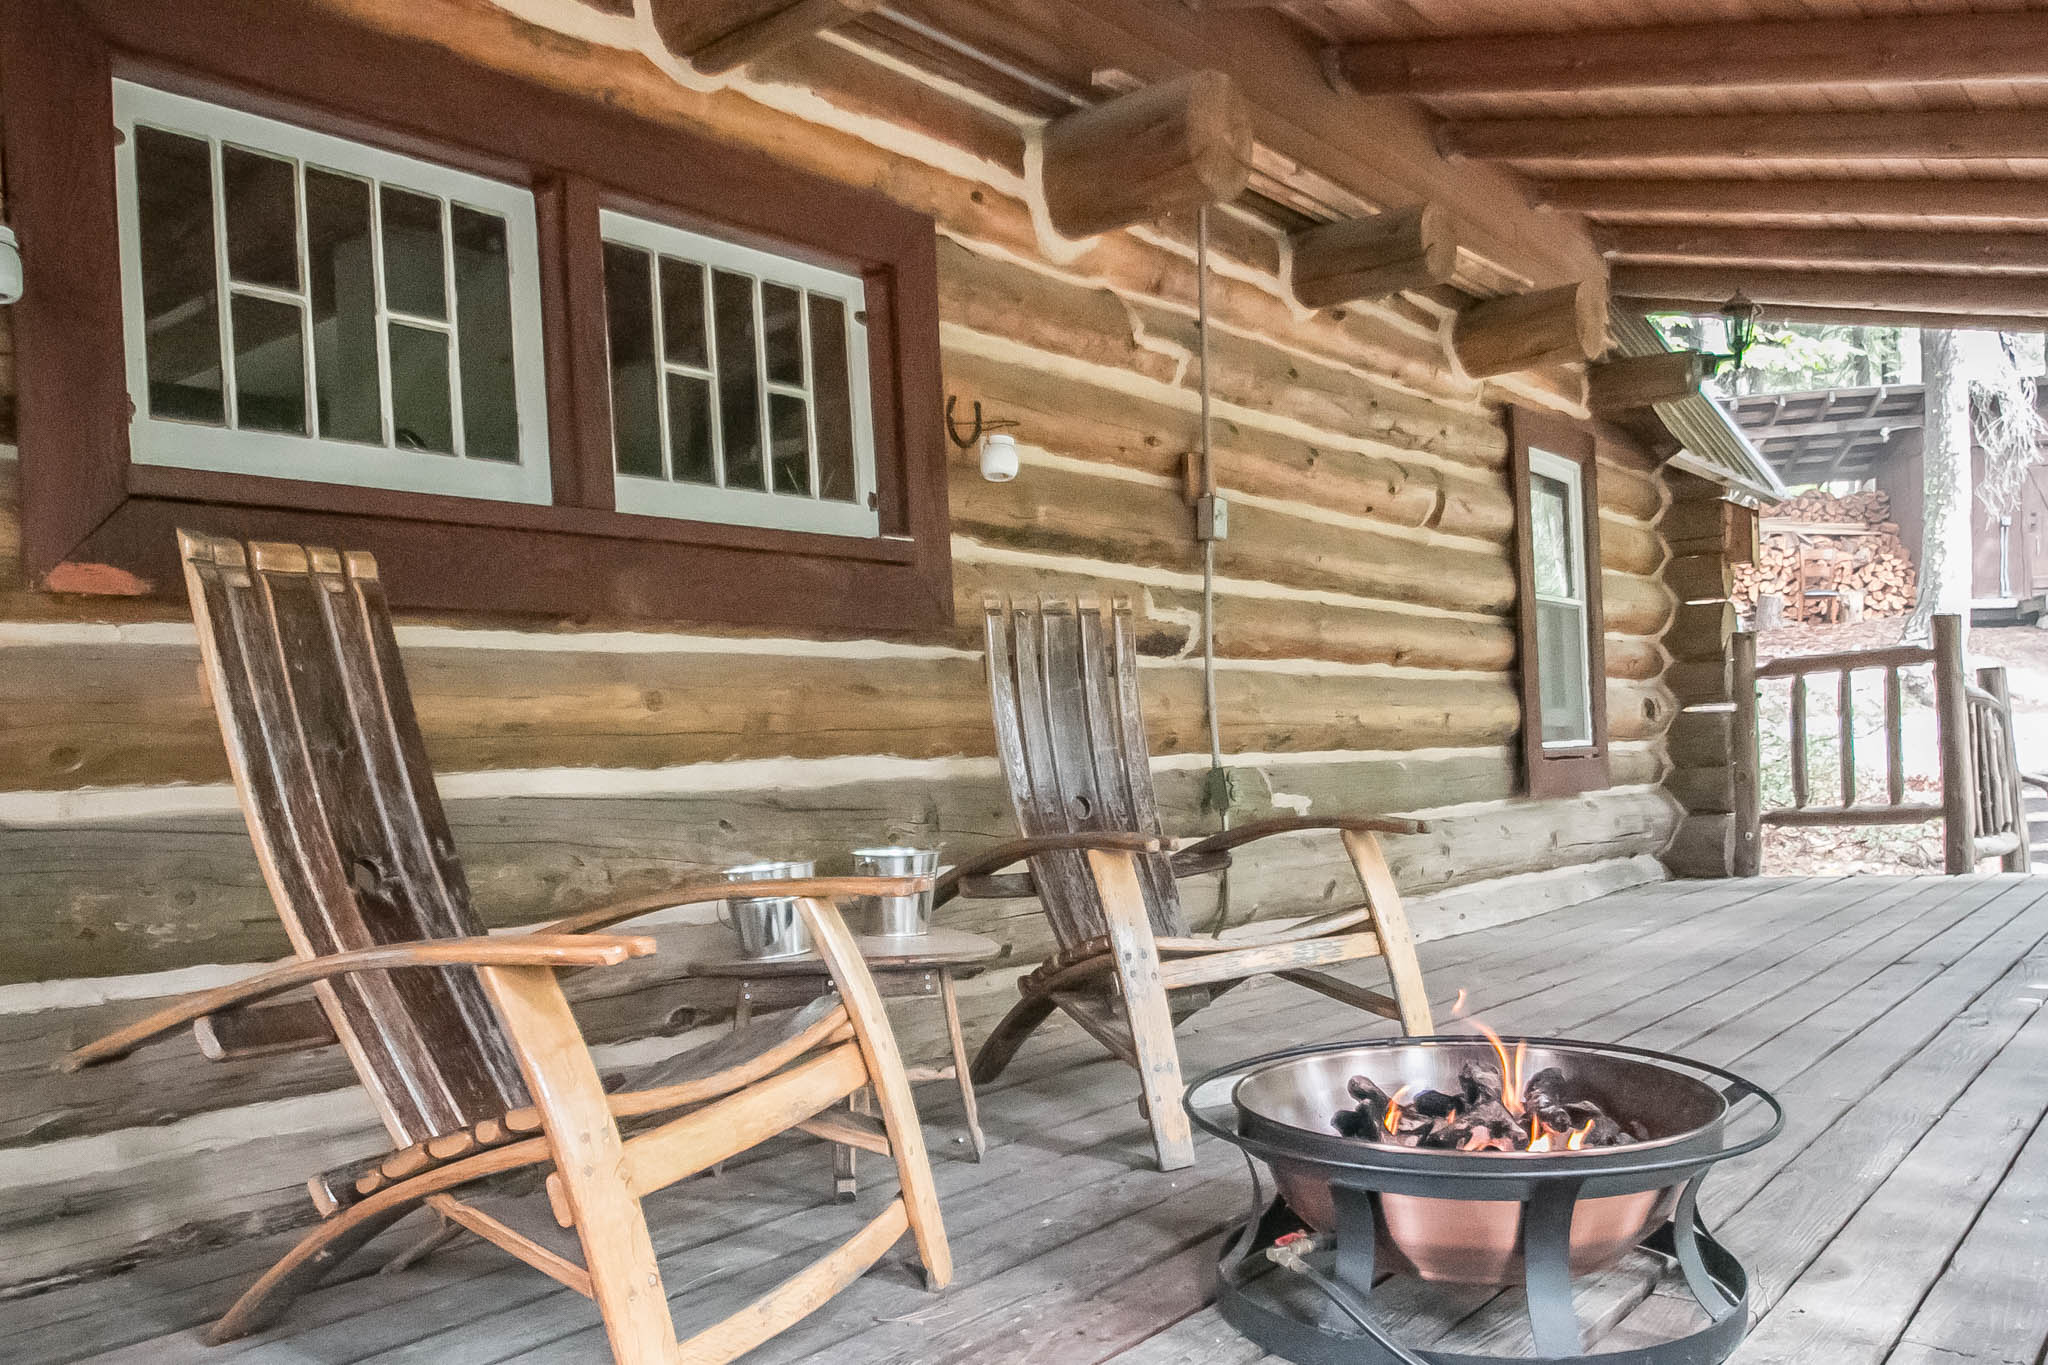 Guten Cabin Nw Comfy Cabins Vacation Rentals